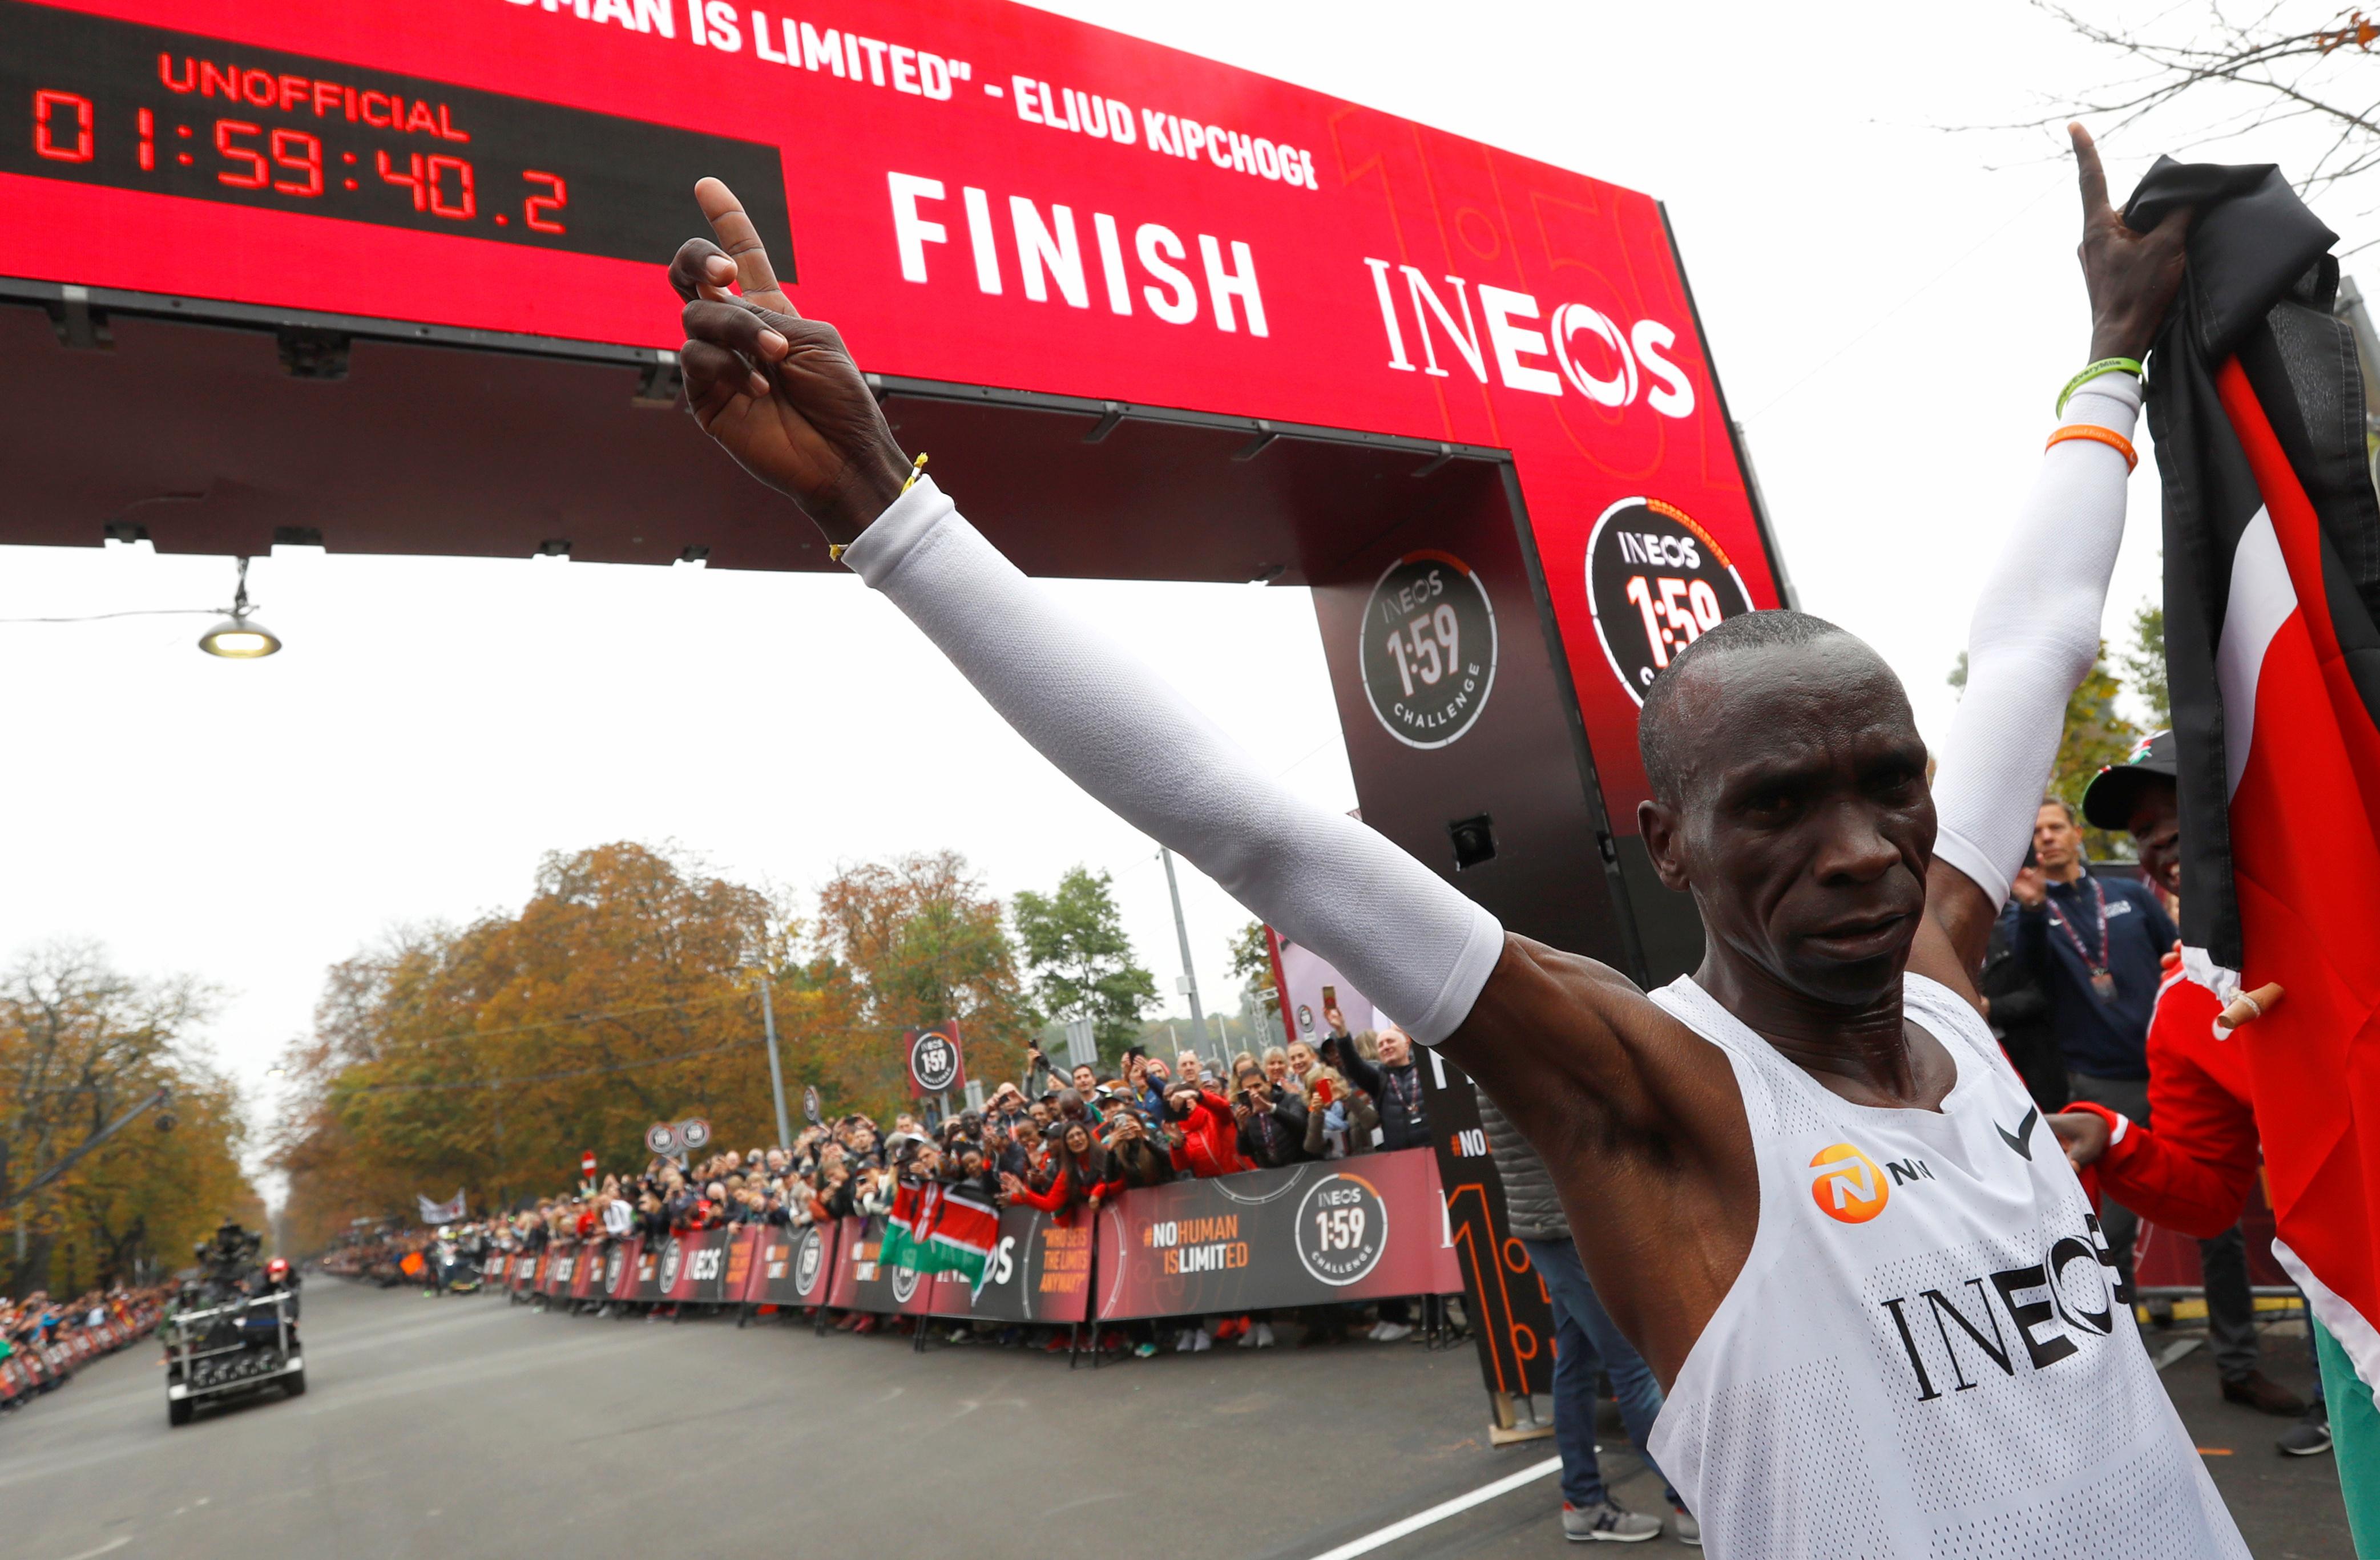 Le Kényan Eliud Kipchoge devient le premier athlète à courir le marathon en moins de deux heures